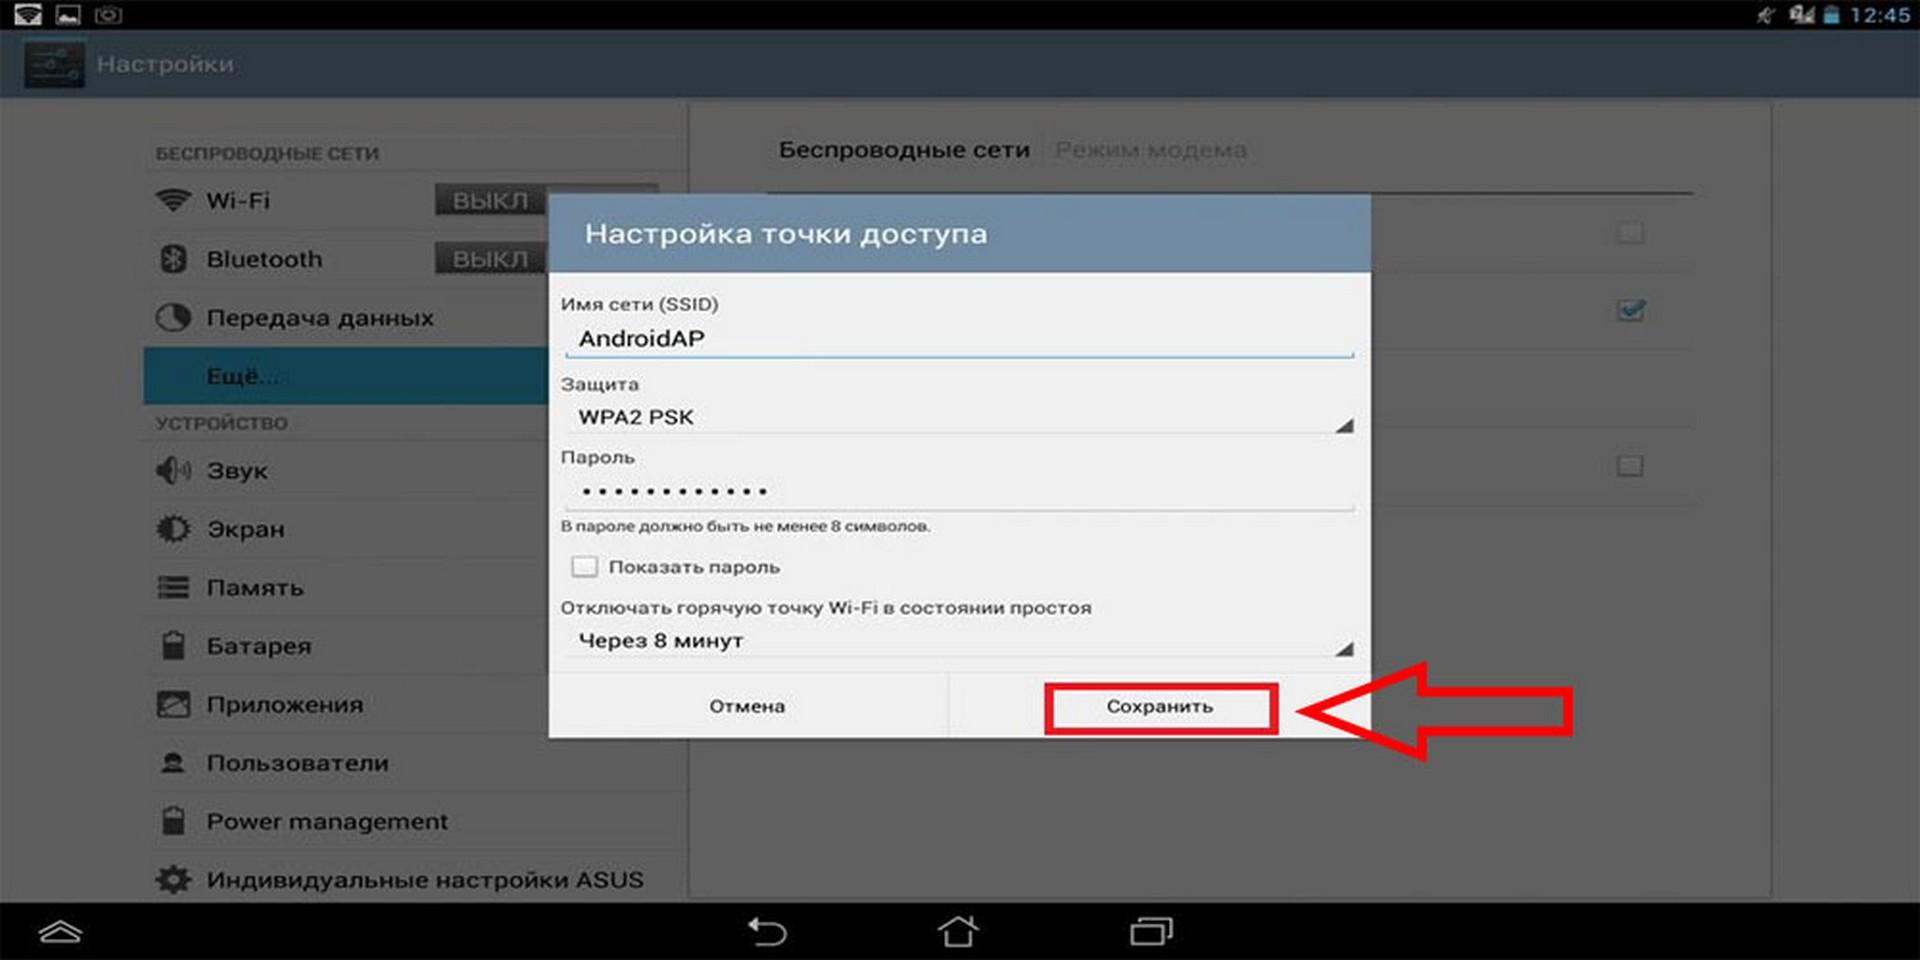 Как раздать интернет с планшета: инструкции для Android и iOS